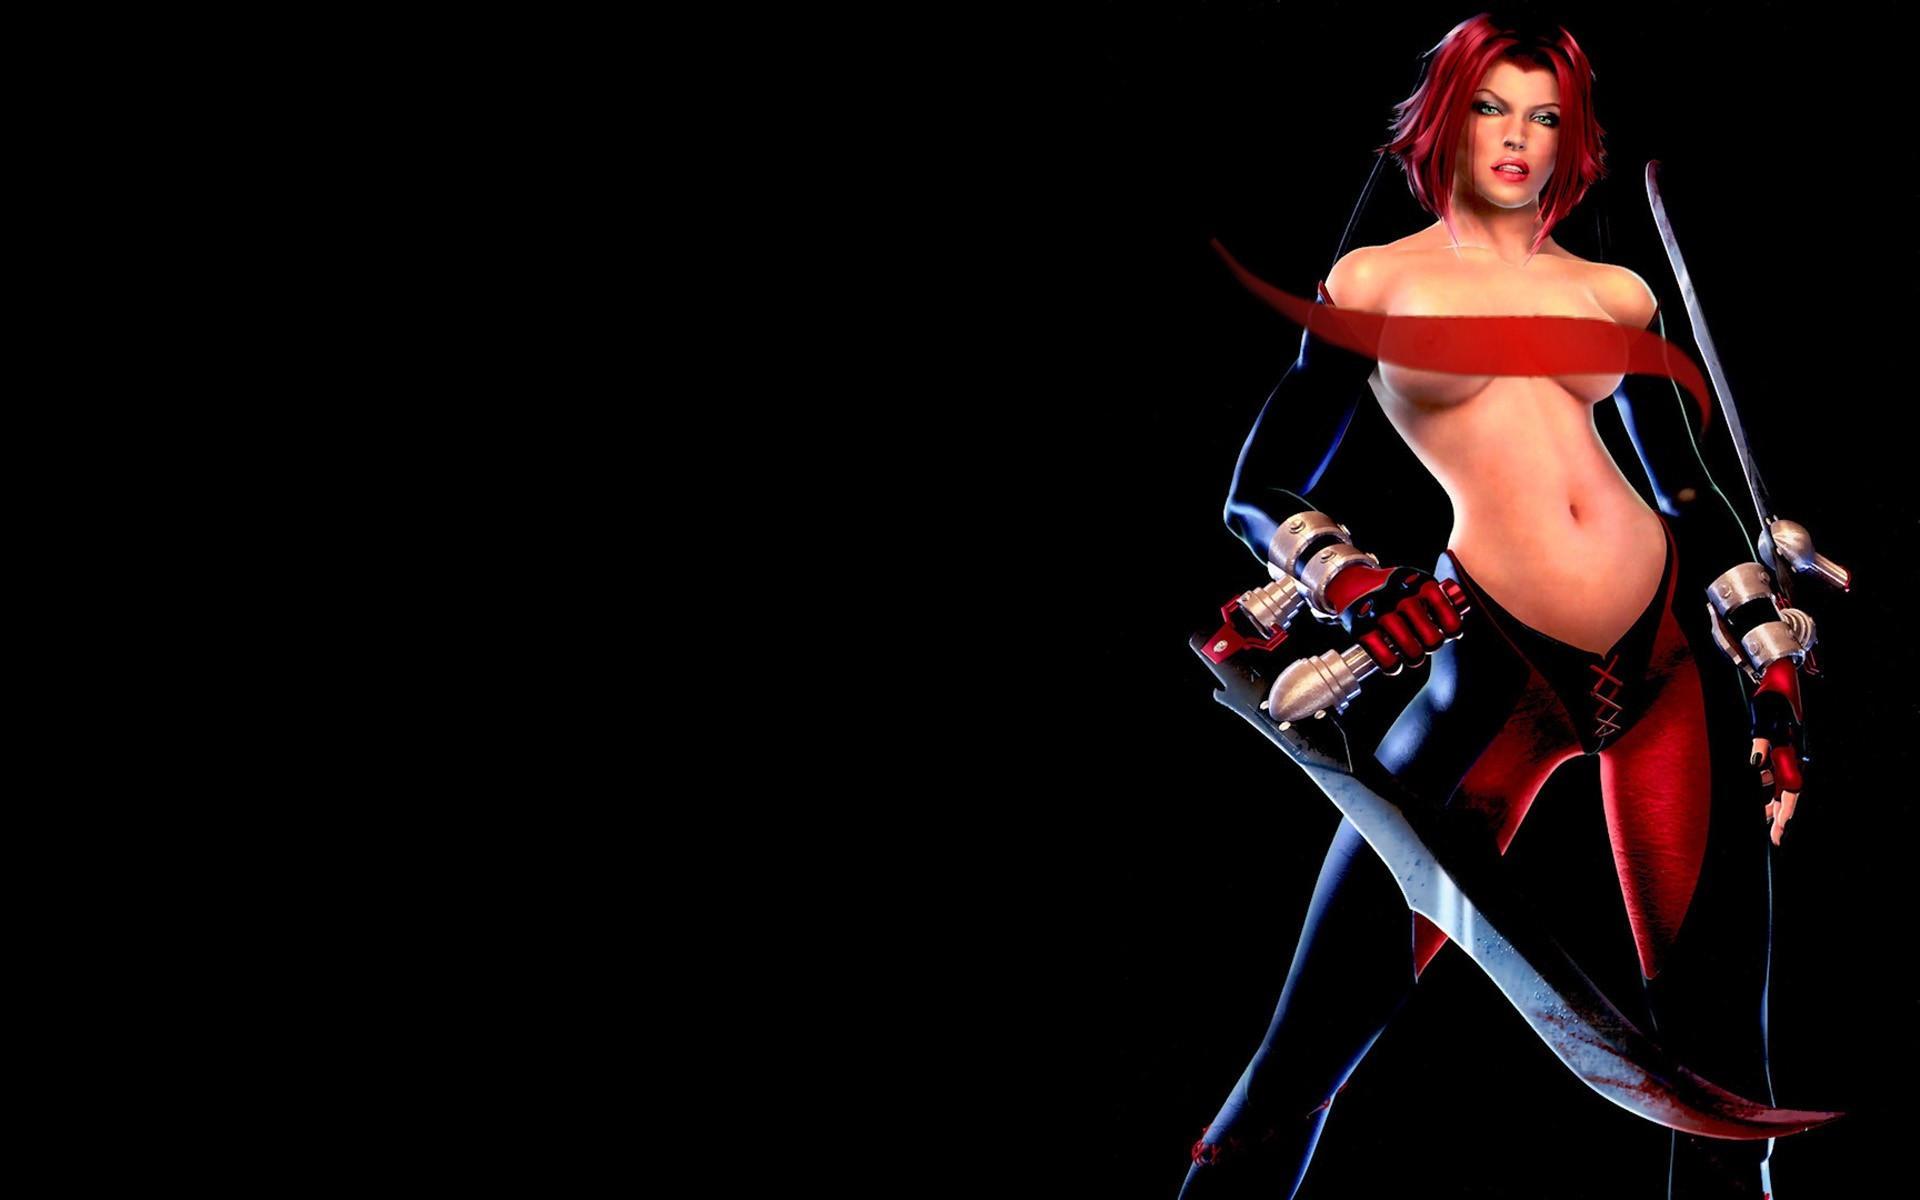 Эротические игры флеш онлайн 1 фотография